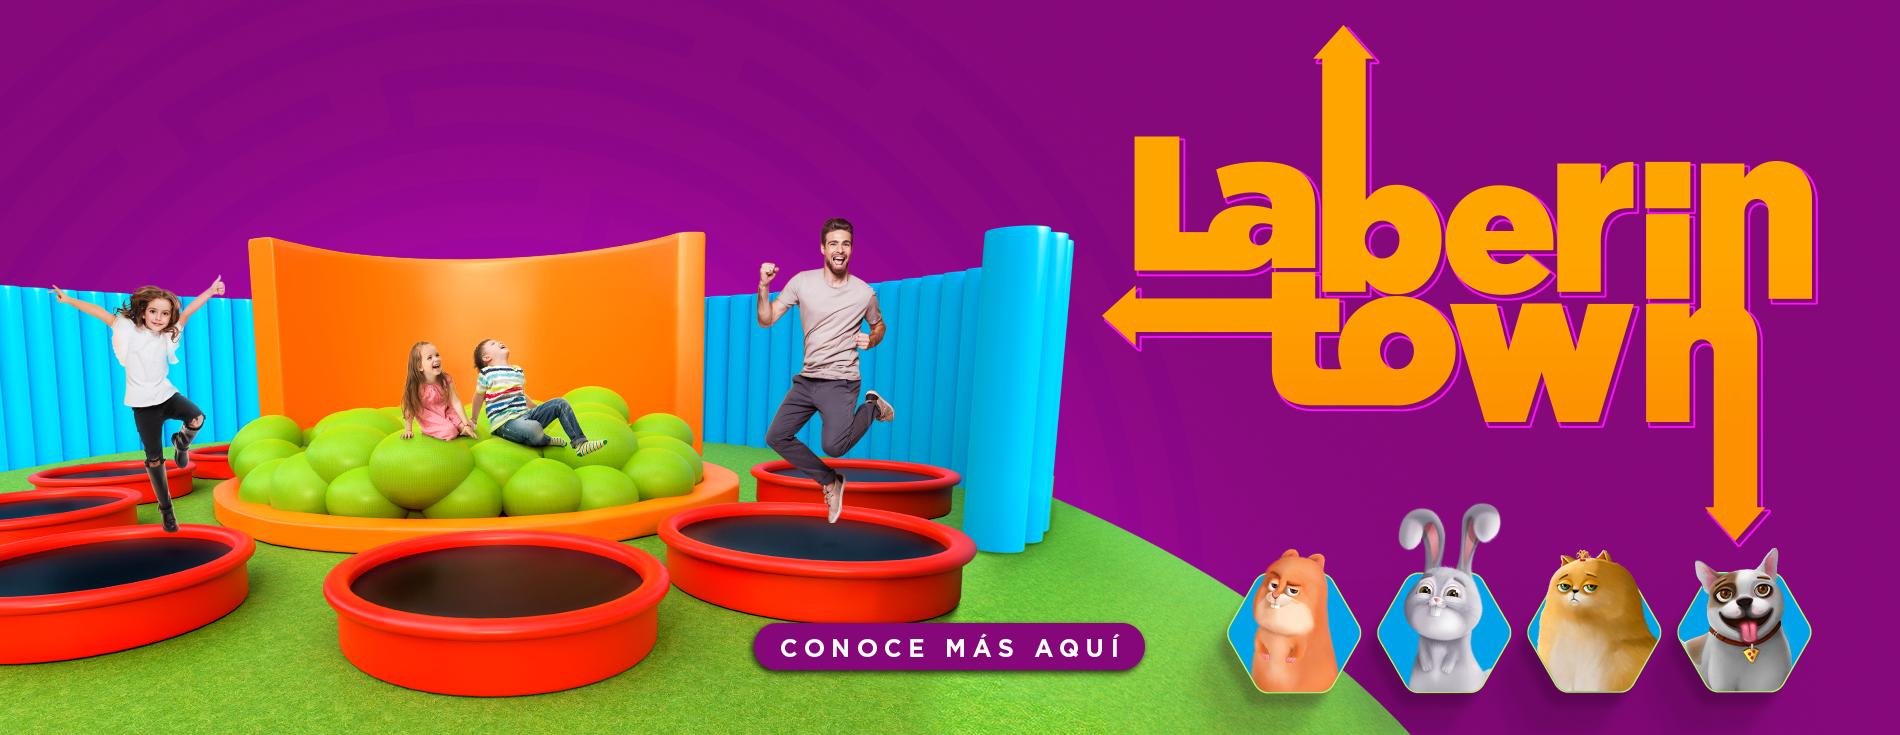 Laberintown - Barranquilla